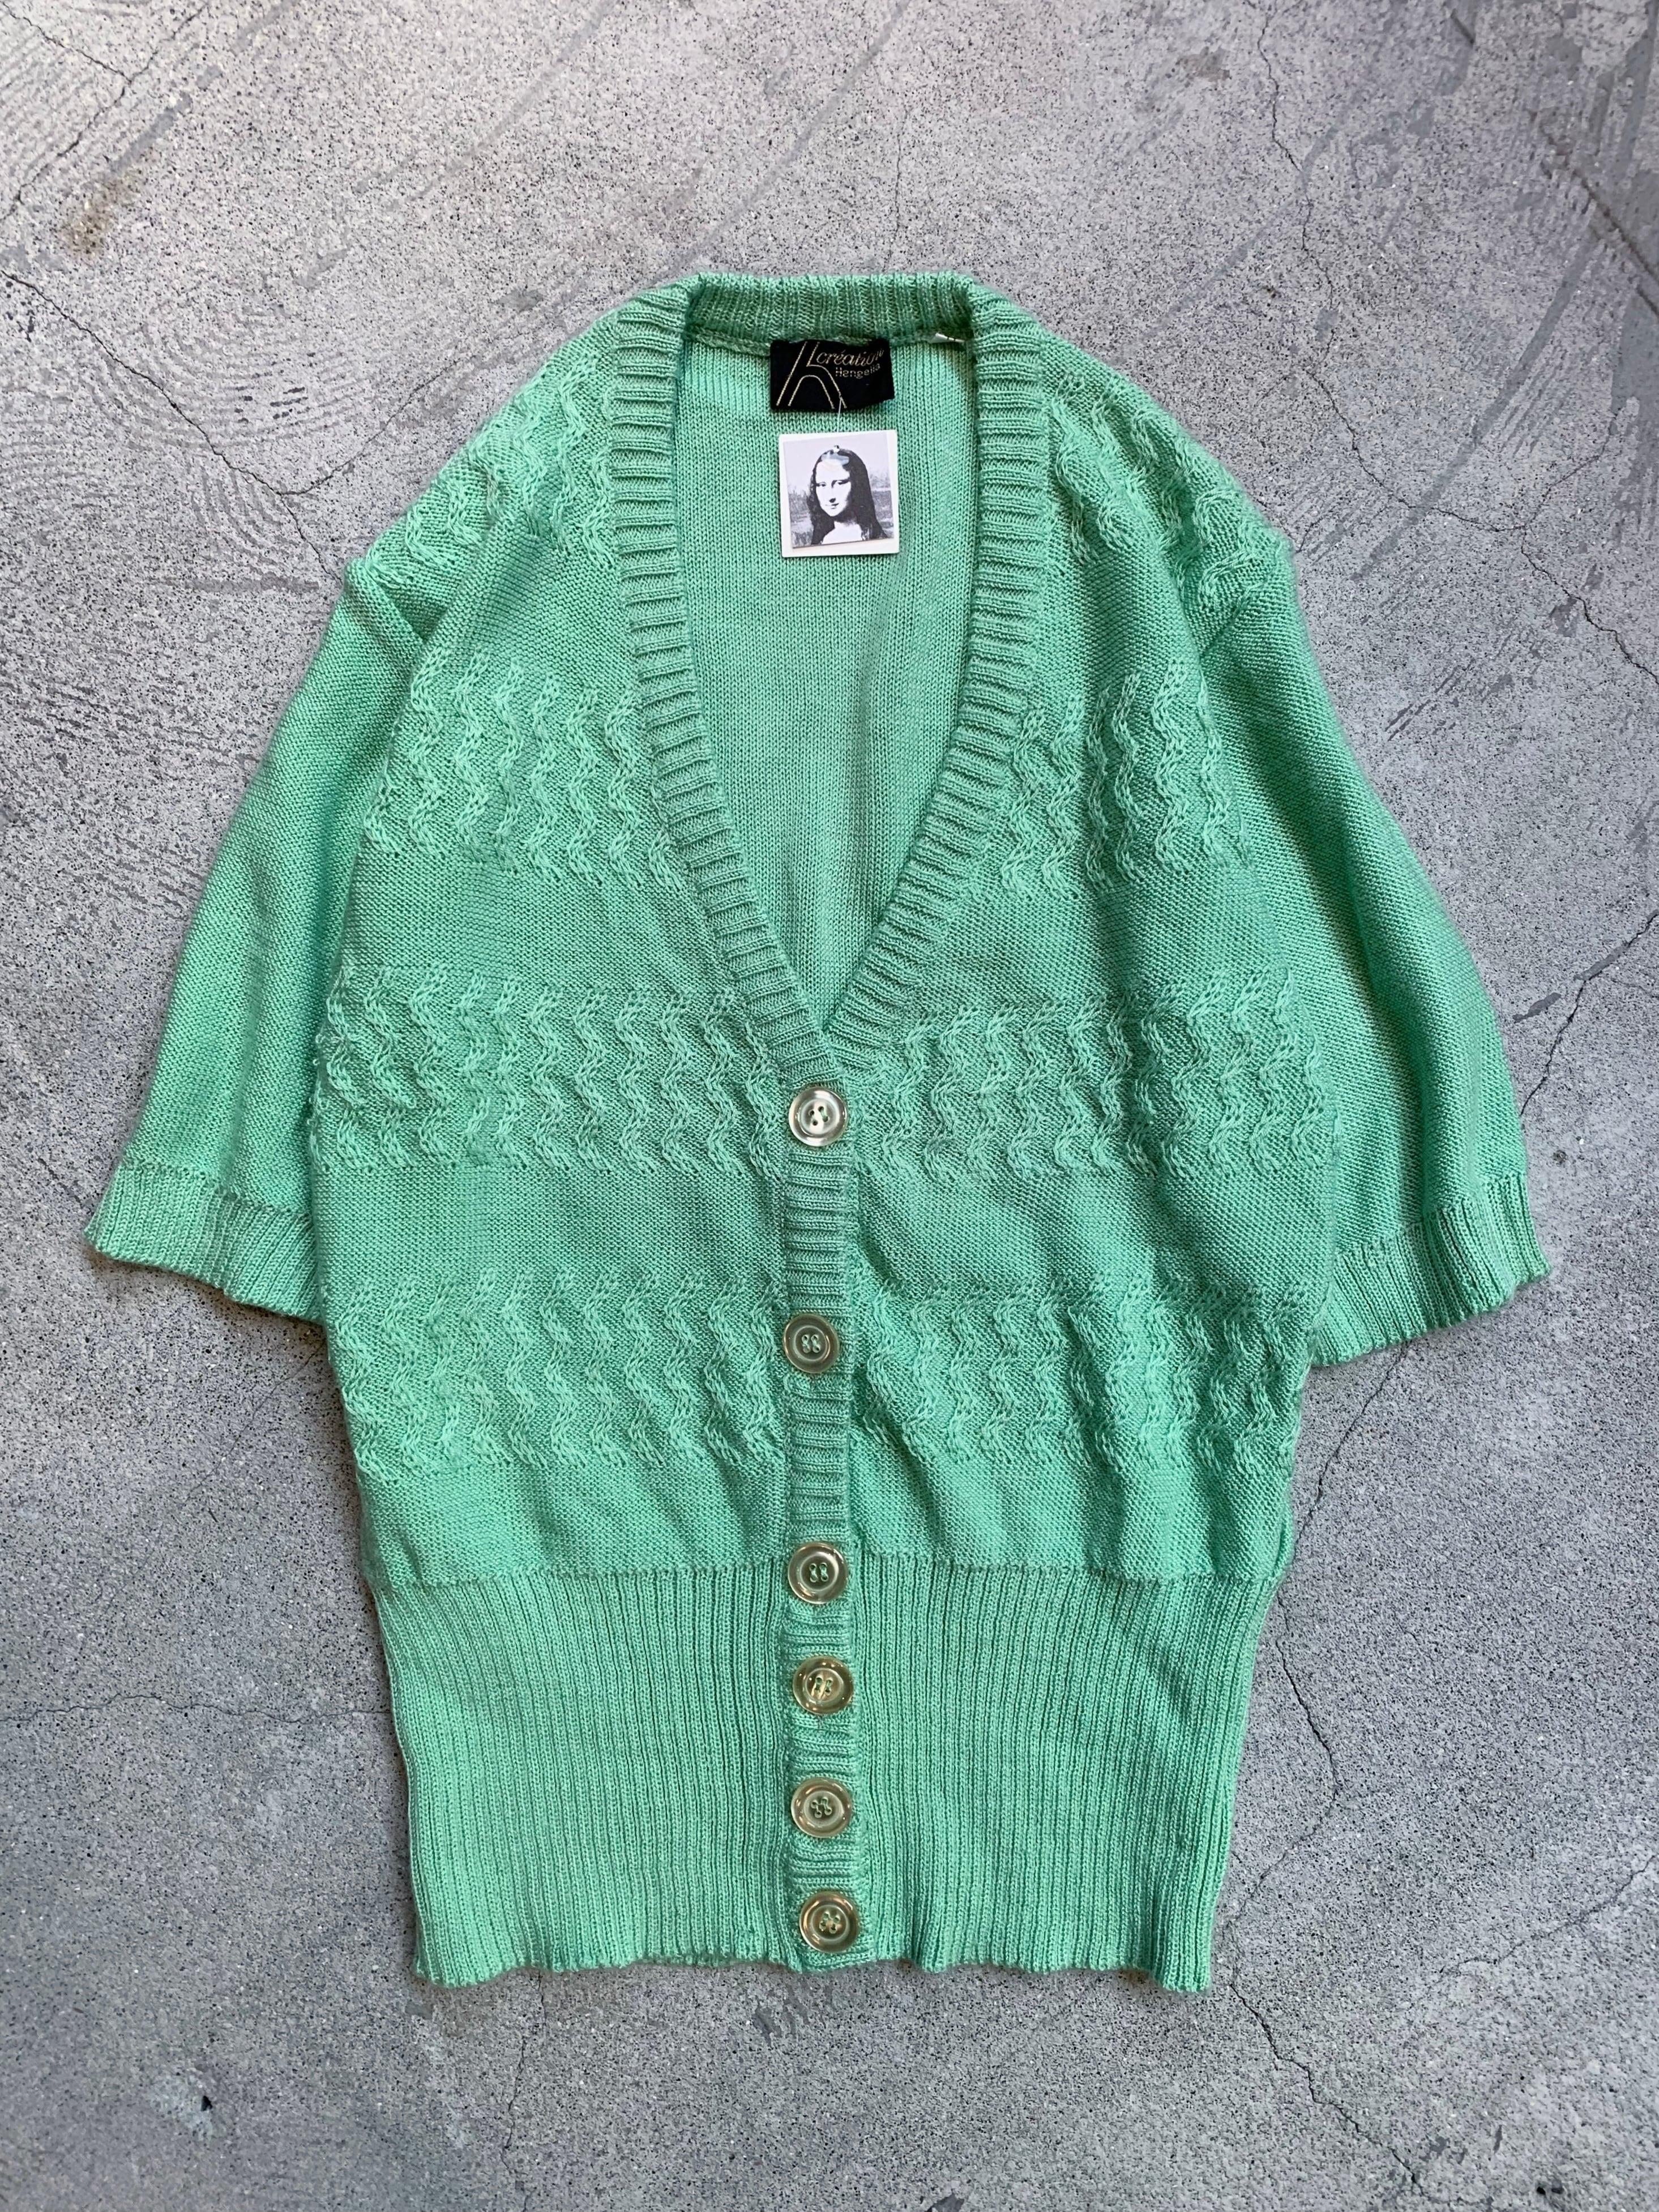 vintage half sleeve knit cardigan